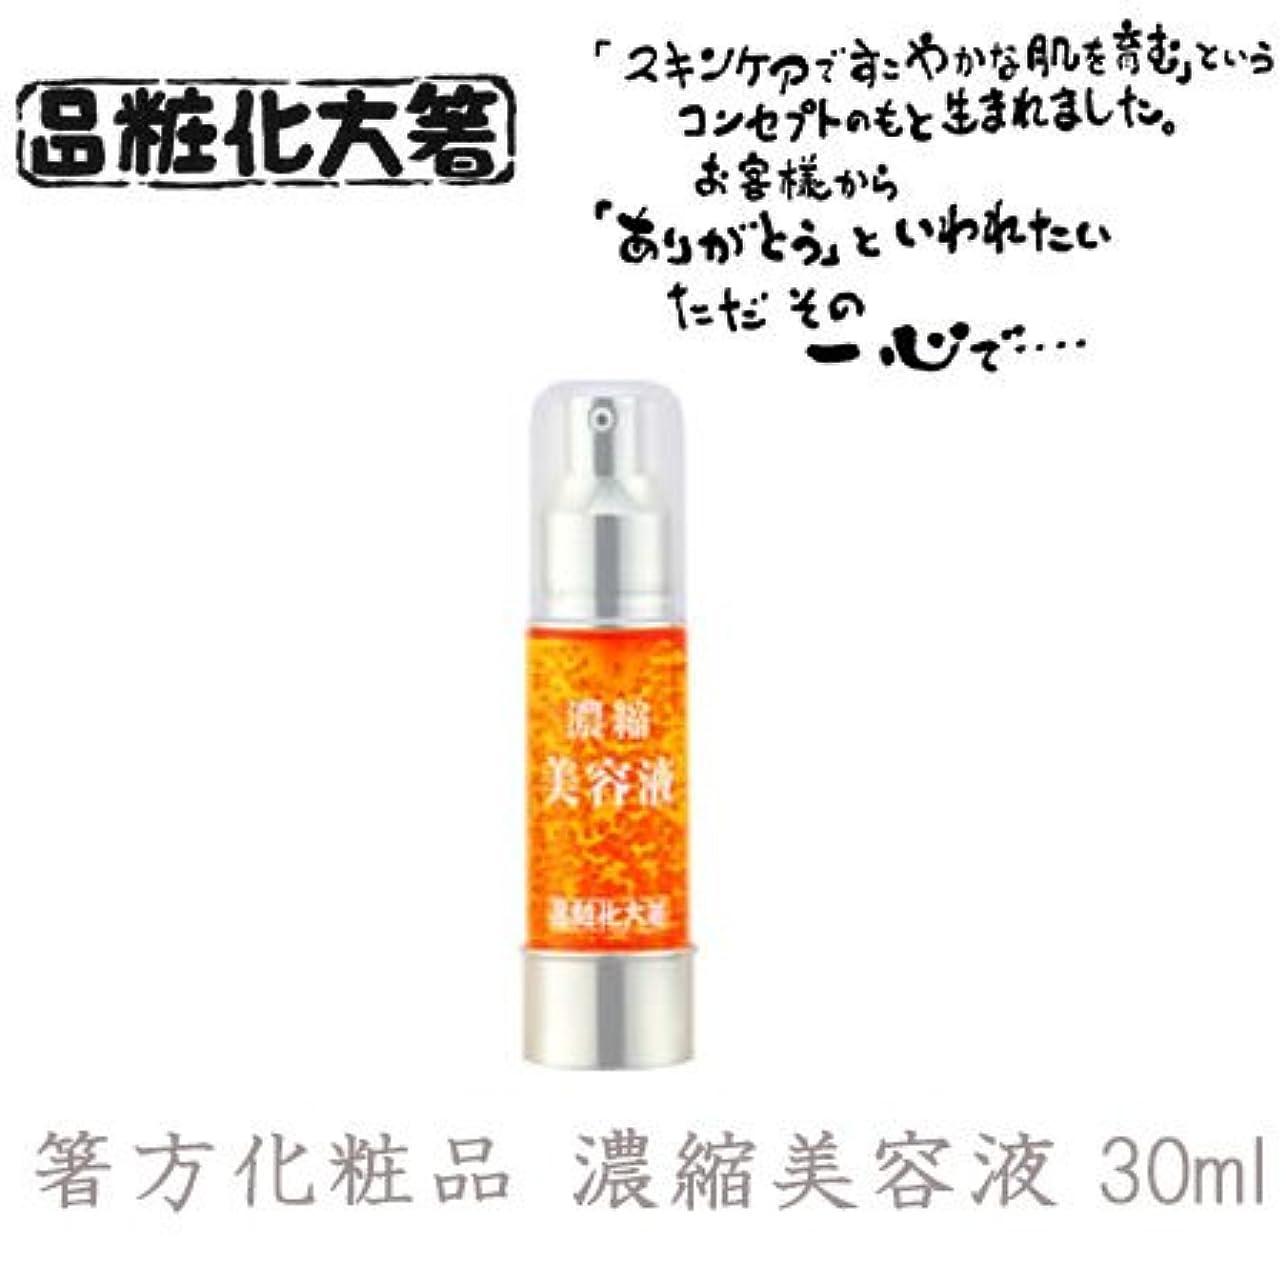 見ました勤勉な明確な箸方化粧品 濃縮美容液 30ml はしかた化粧品